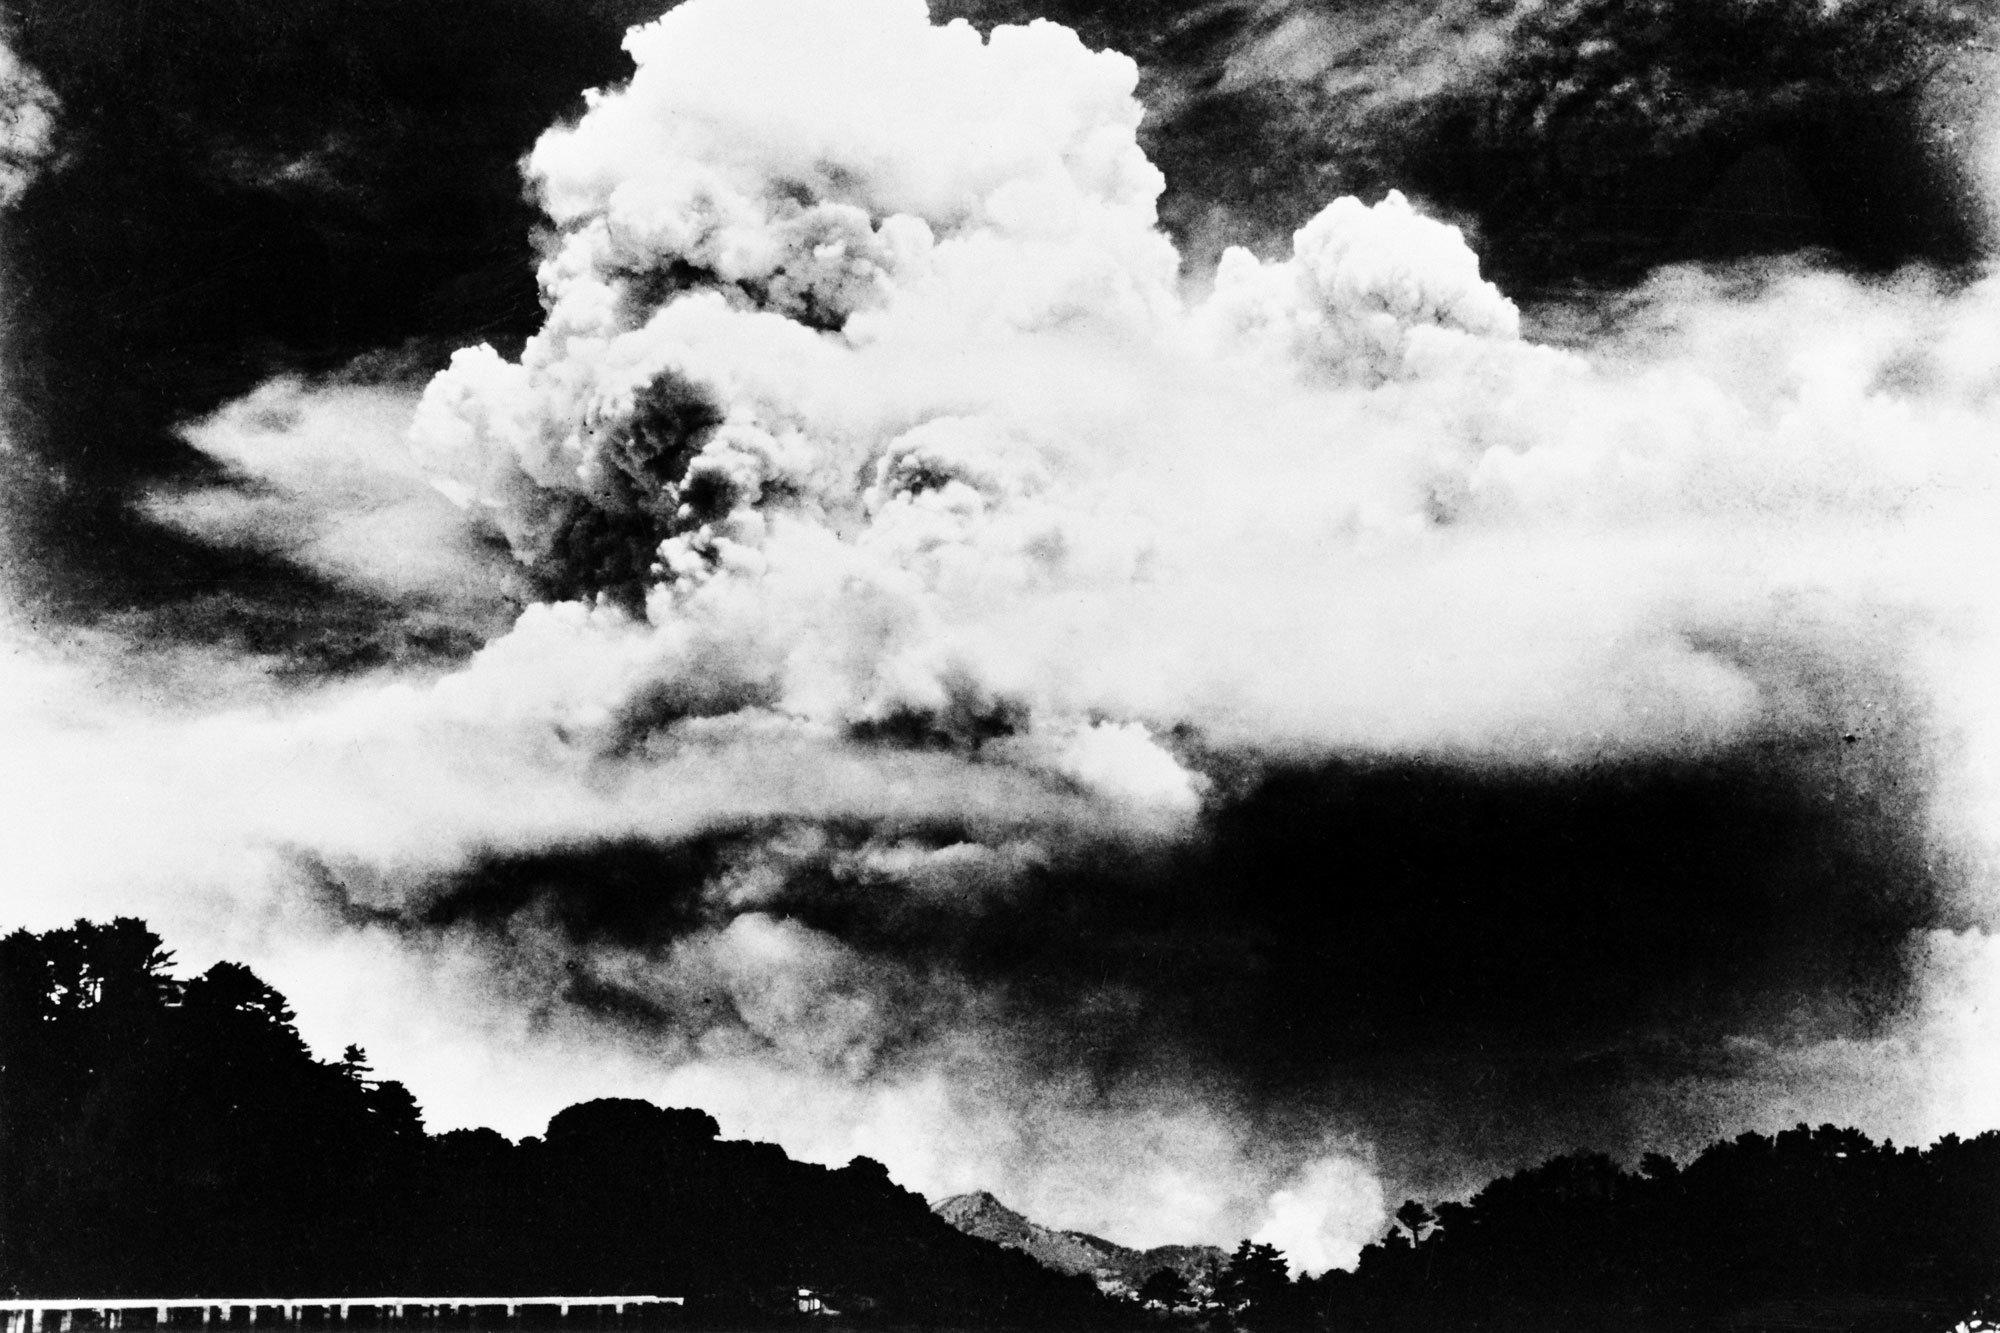 Ядерное облако над Нагасаки 9 августа 1945 г.